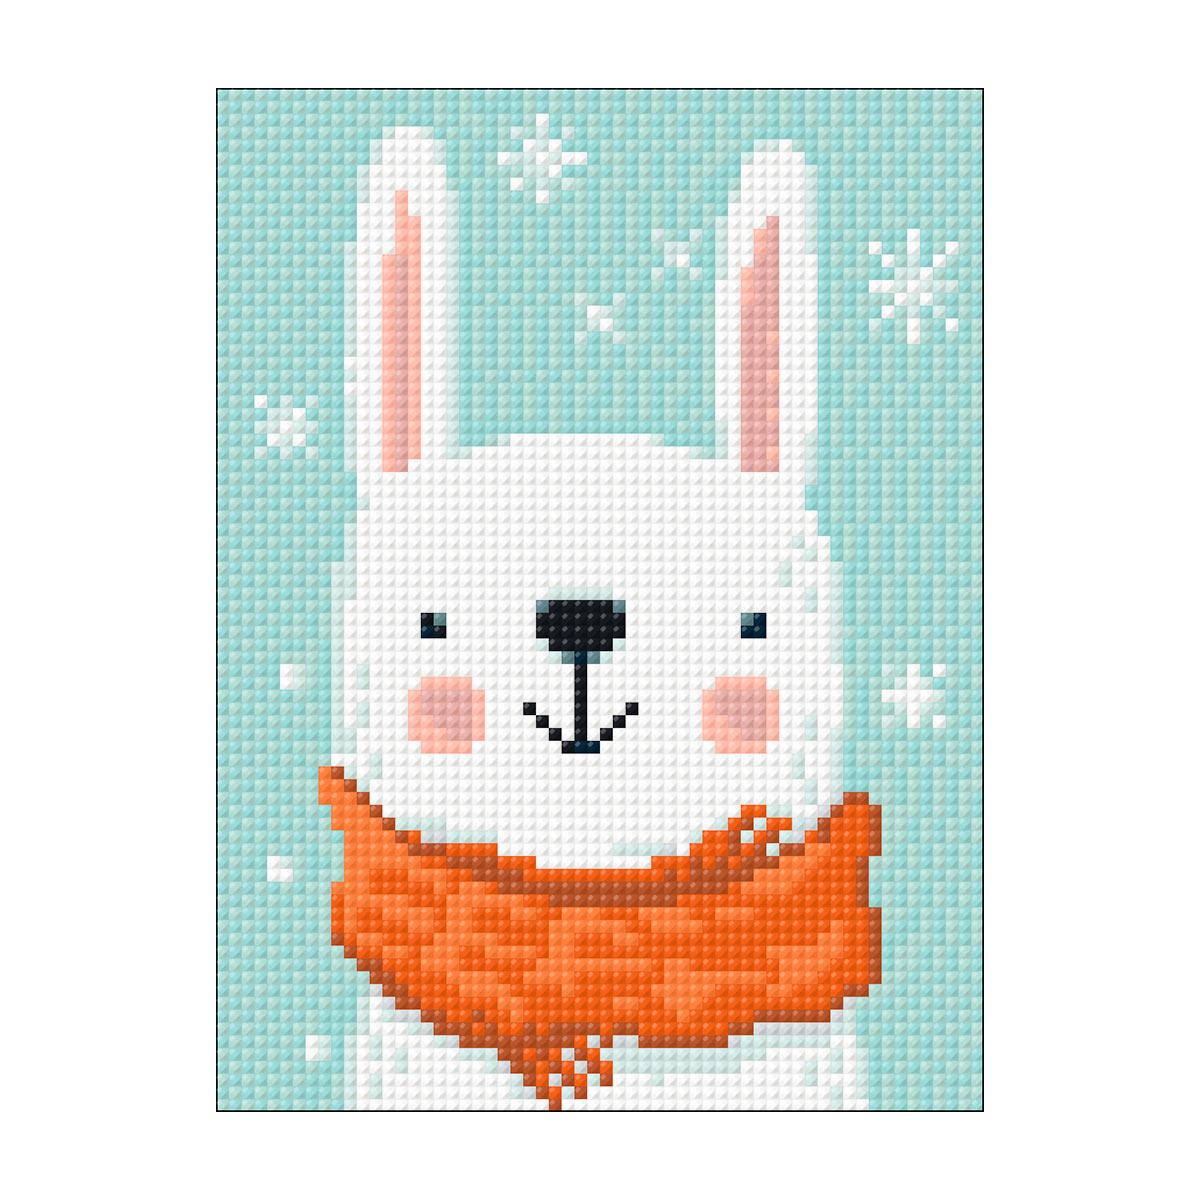 Ag 2532 Набор д/изготовления картин со стразами 'Снежный зайчик' 15*20см Гранни